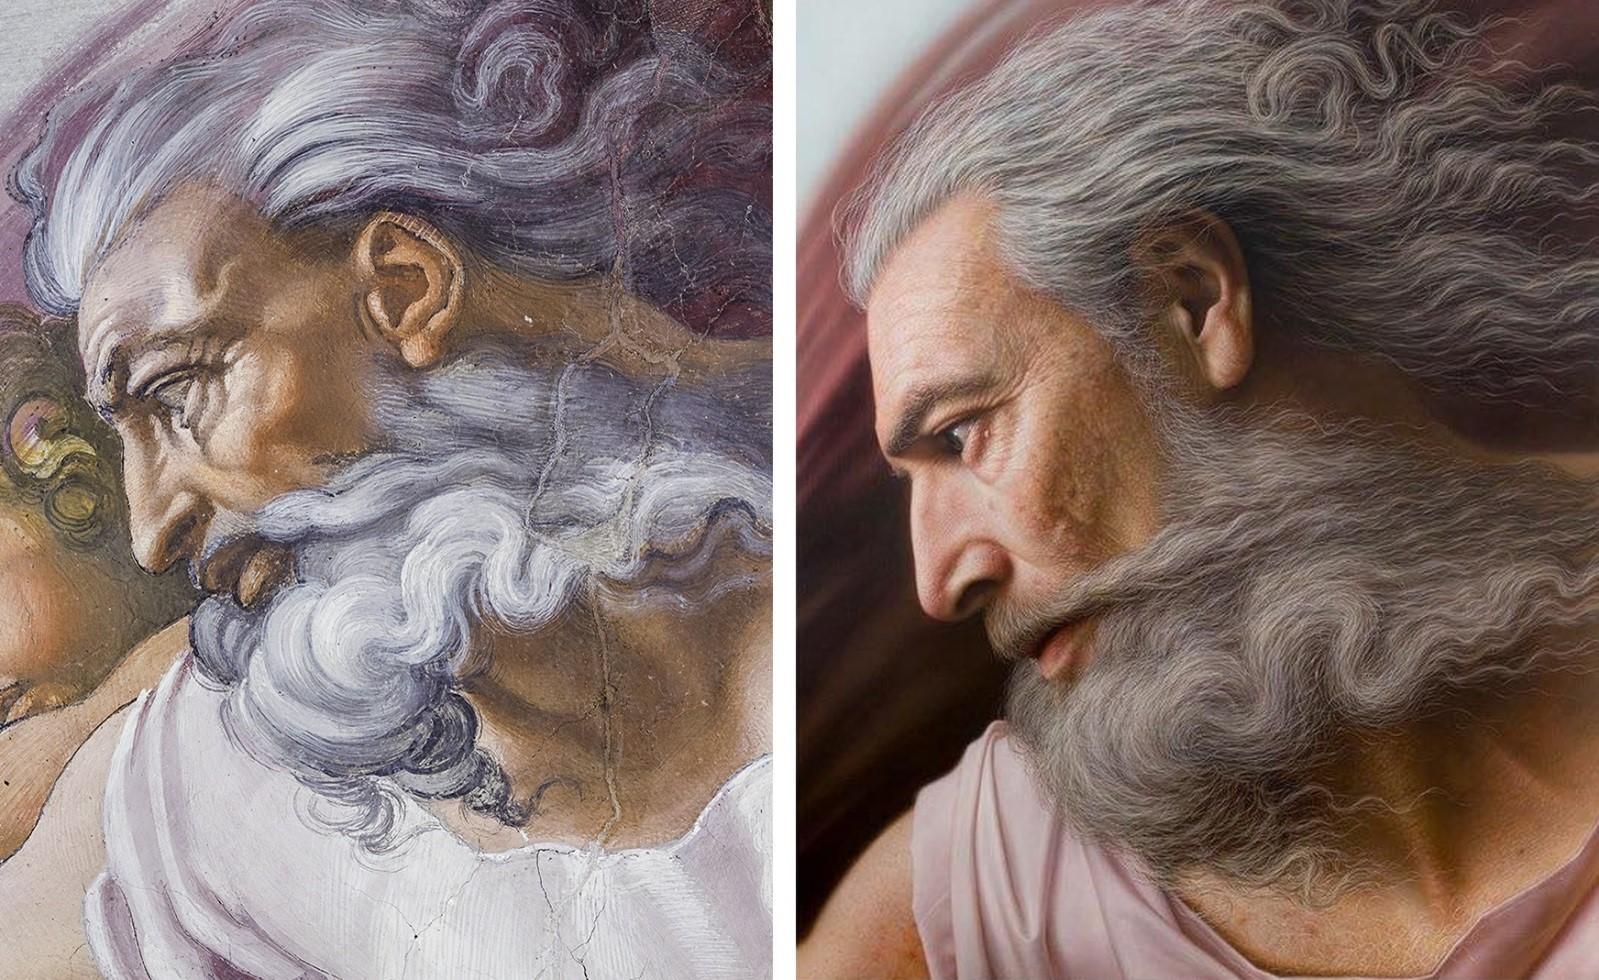 Художник показал, как выглядели бы легендарные персонажи с известных картин и скульптур в реальной жизни